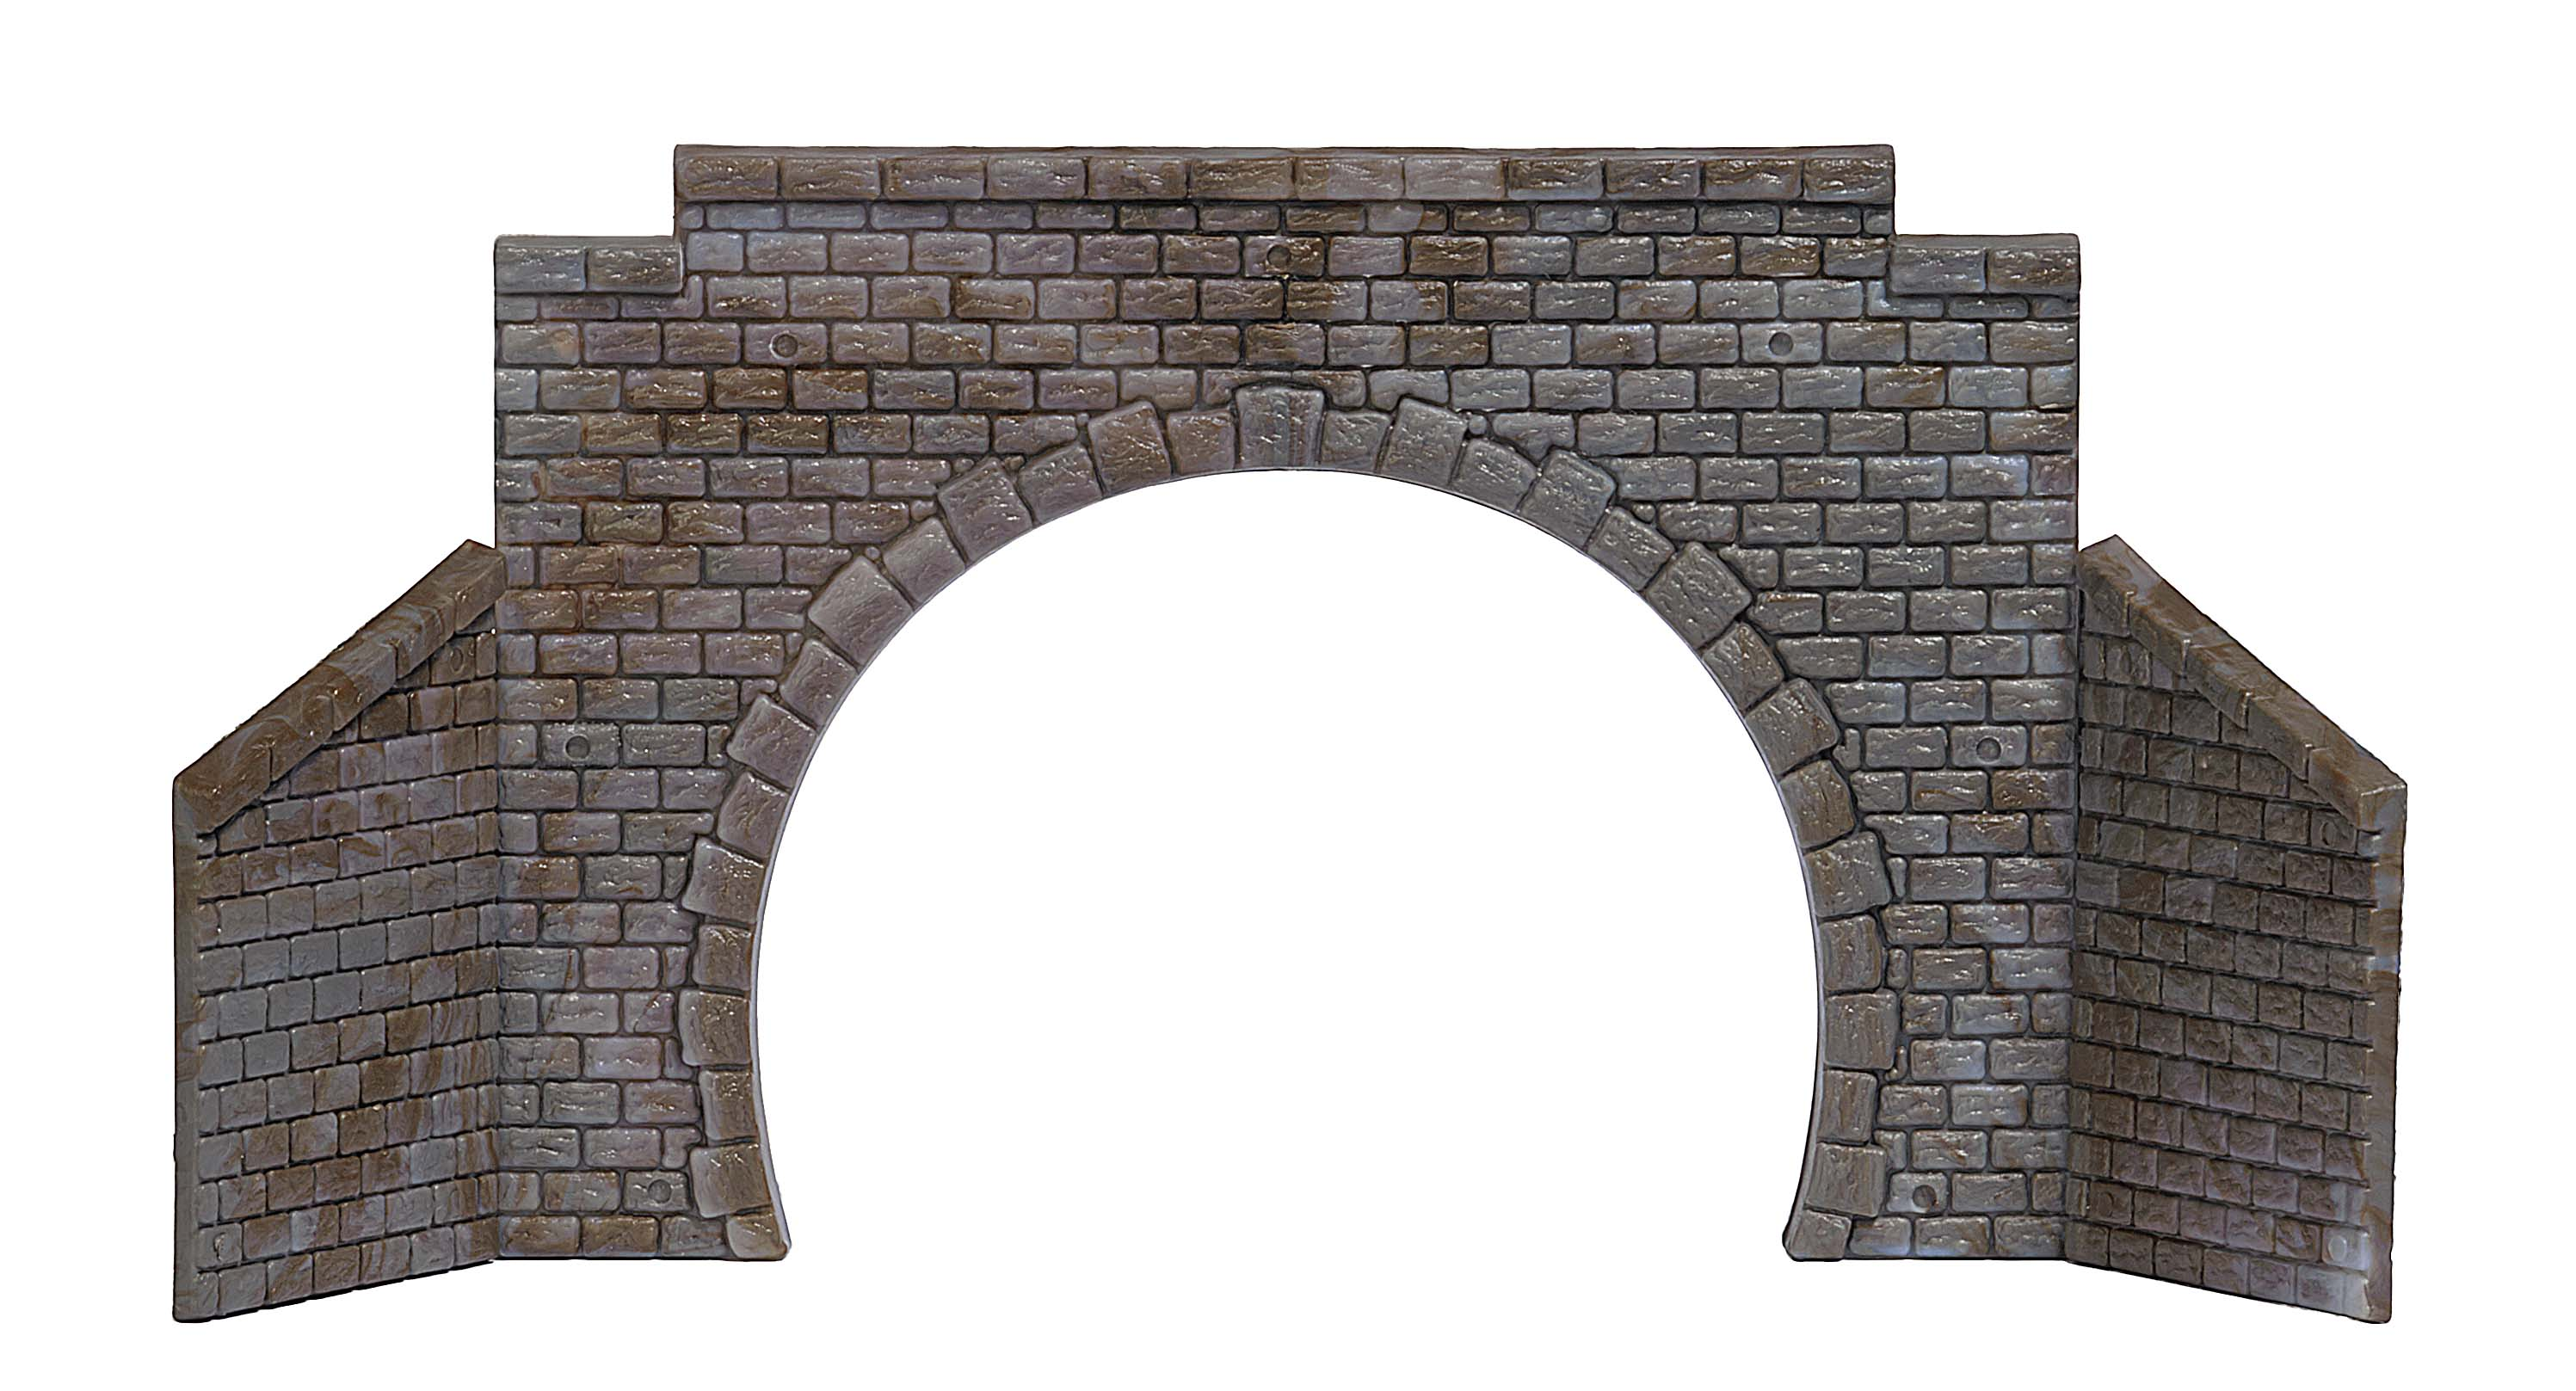 Tunnelportal zweigleisig